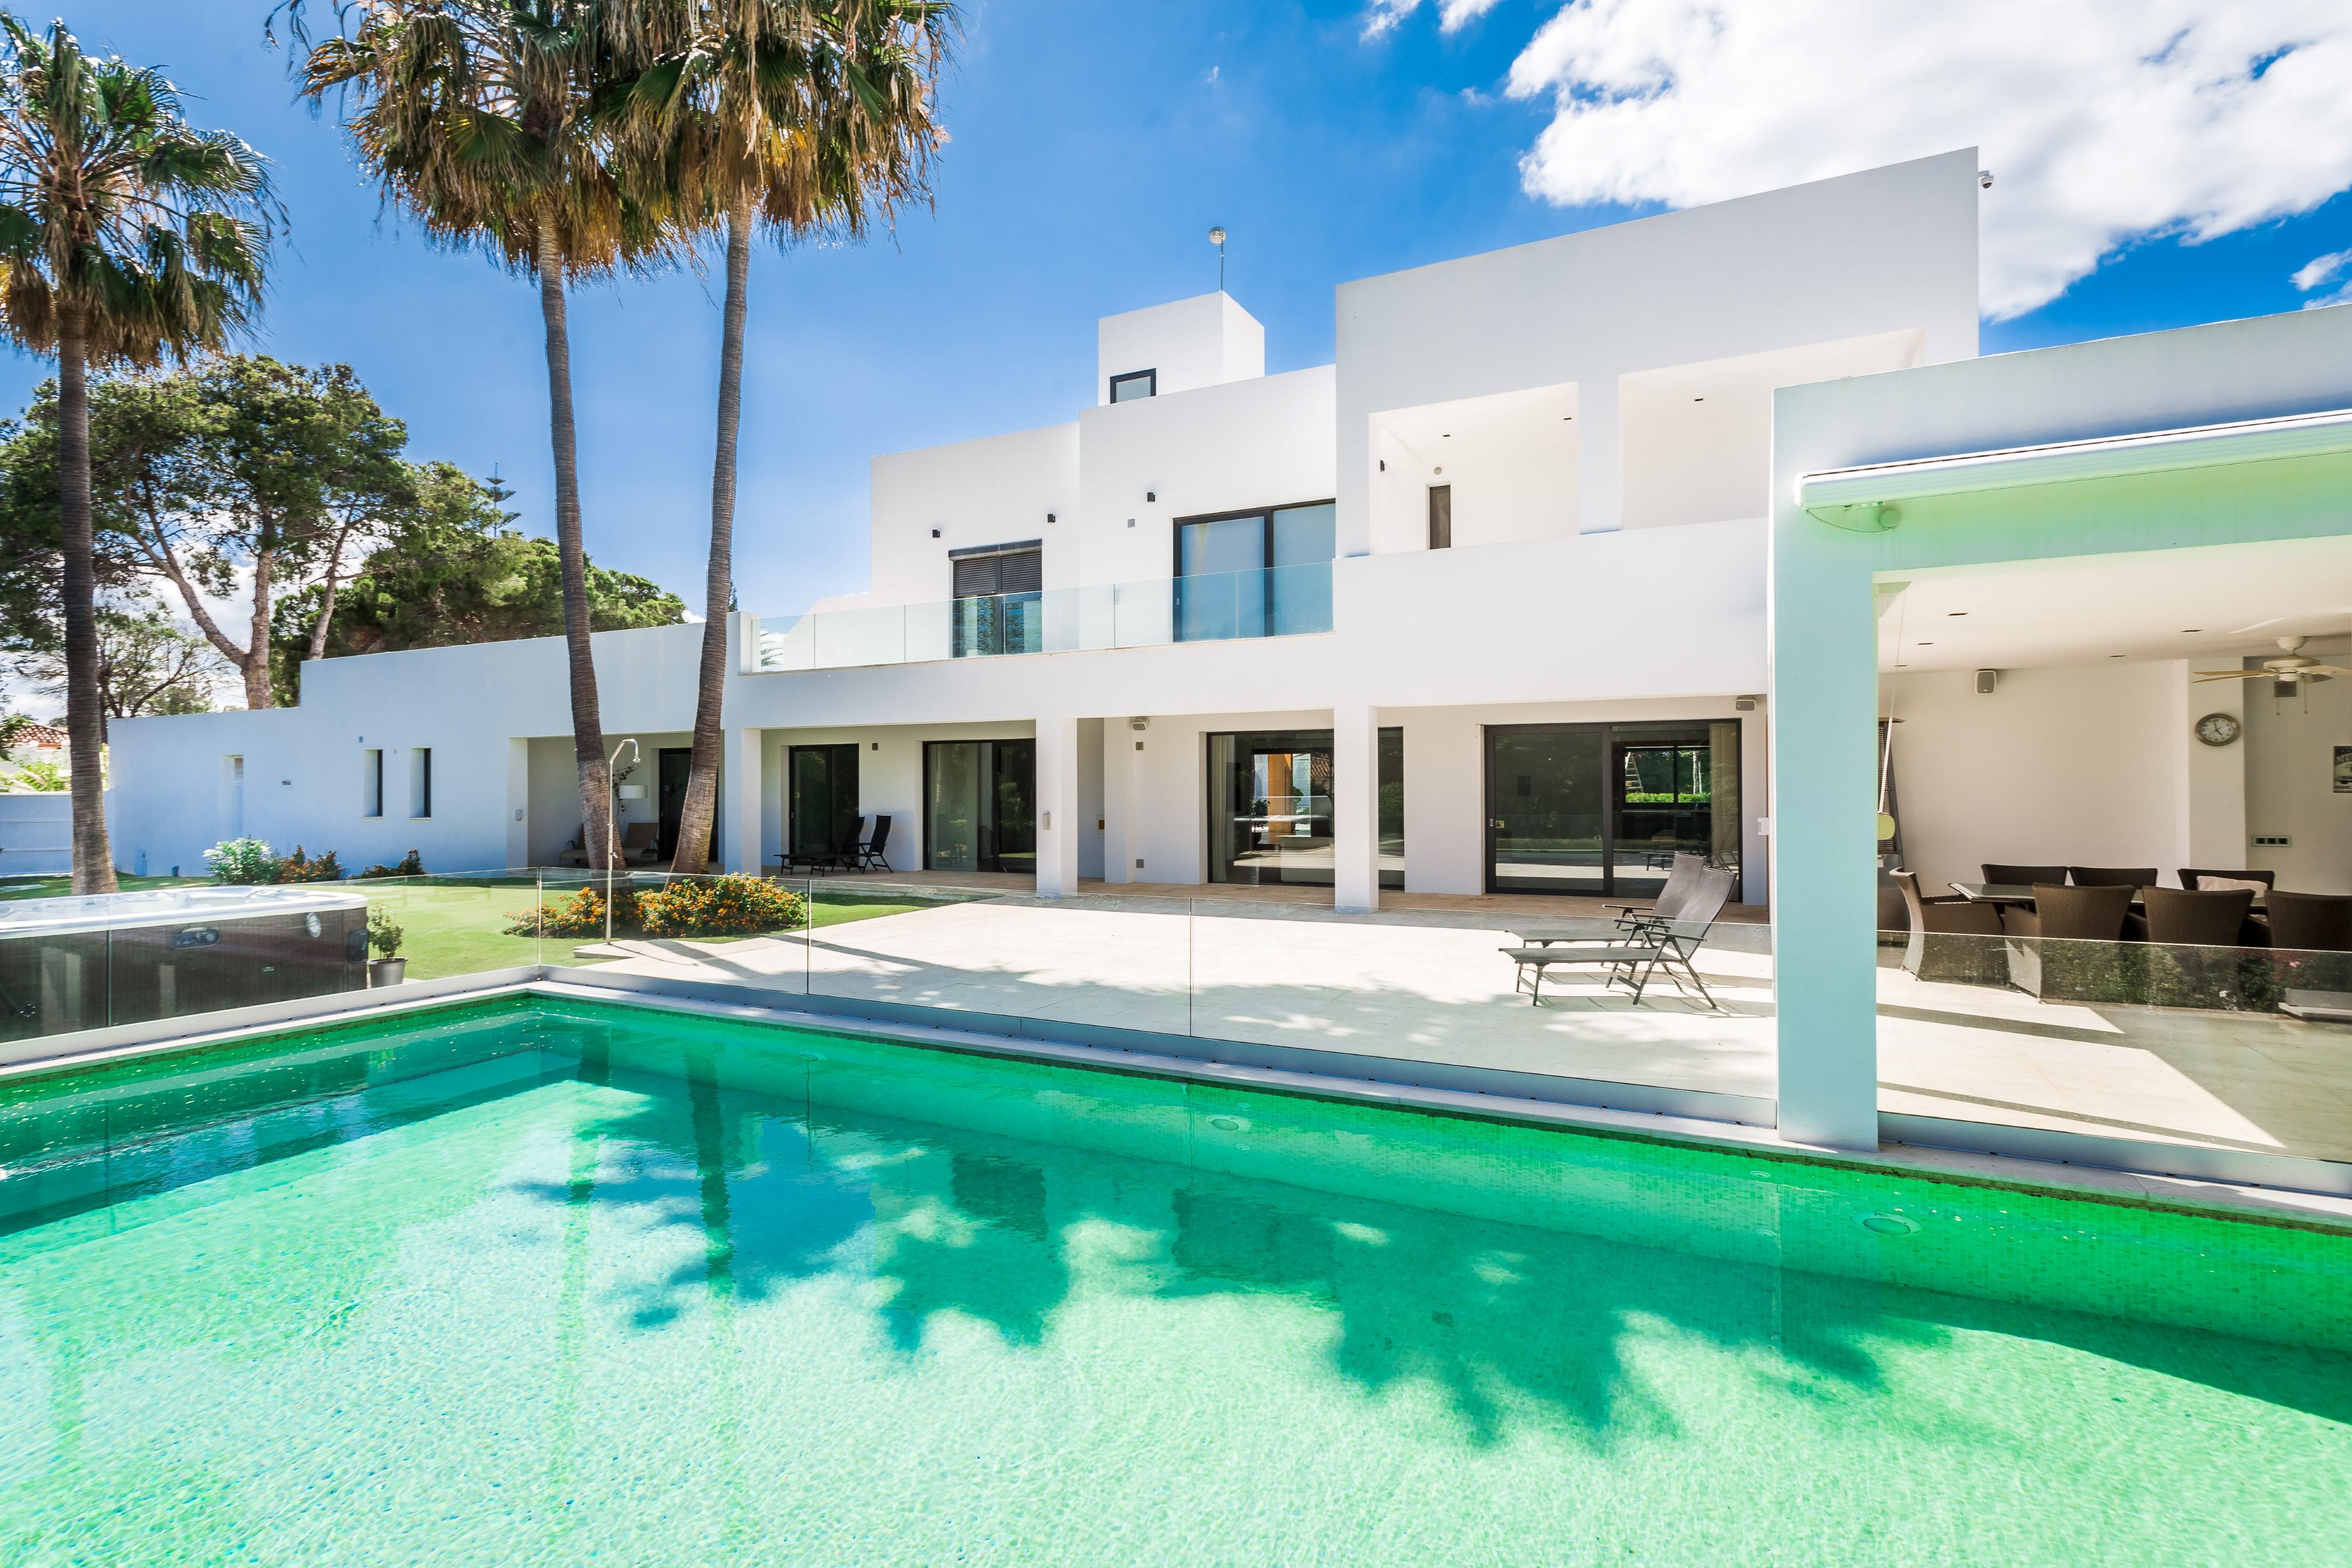 Kauf einer Immobilie in Spanien